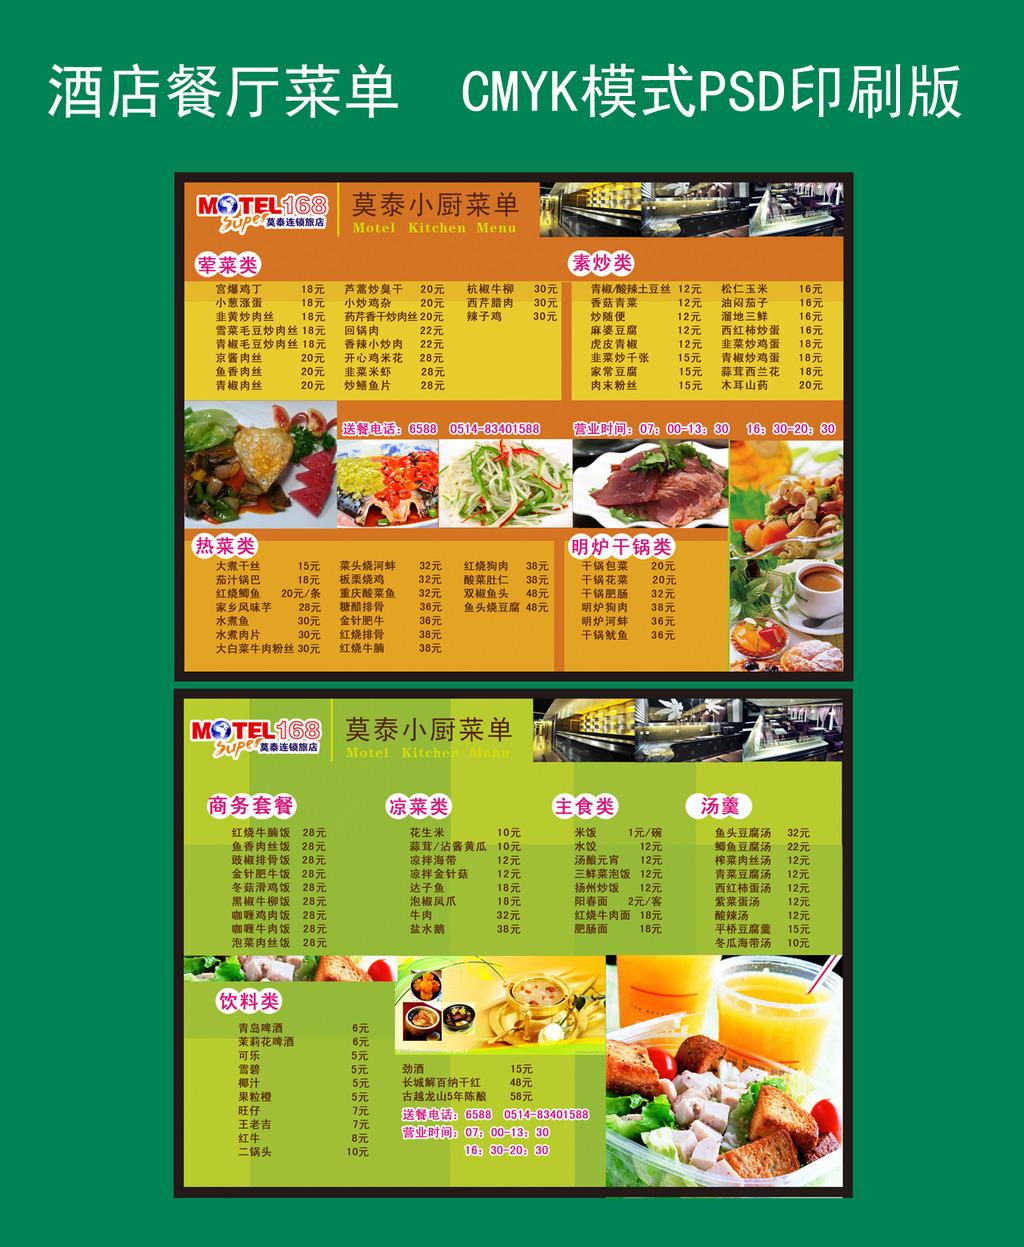 酒店菜单模板下载 酒店菜单图片下载